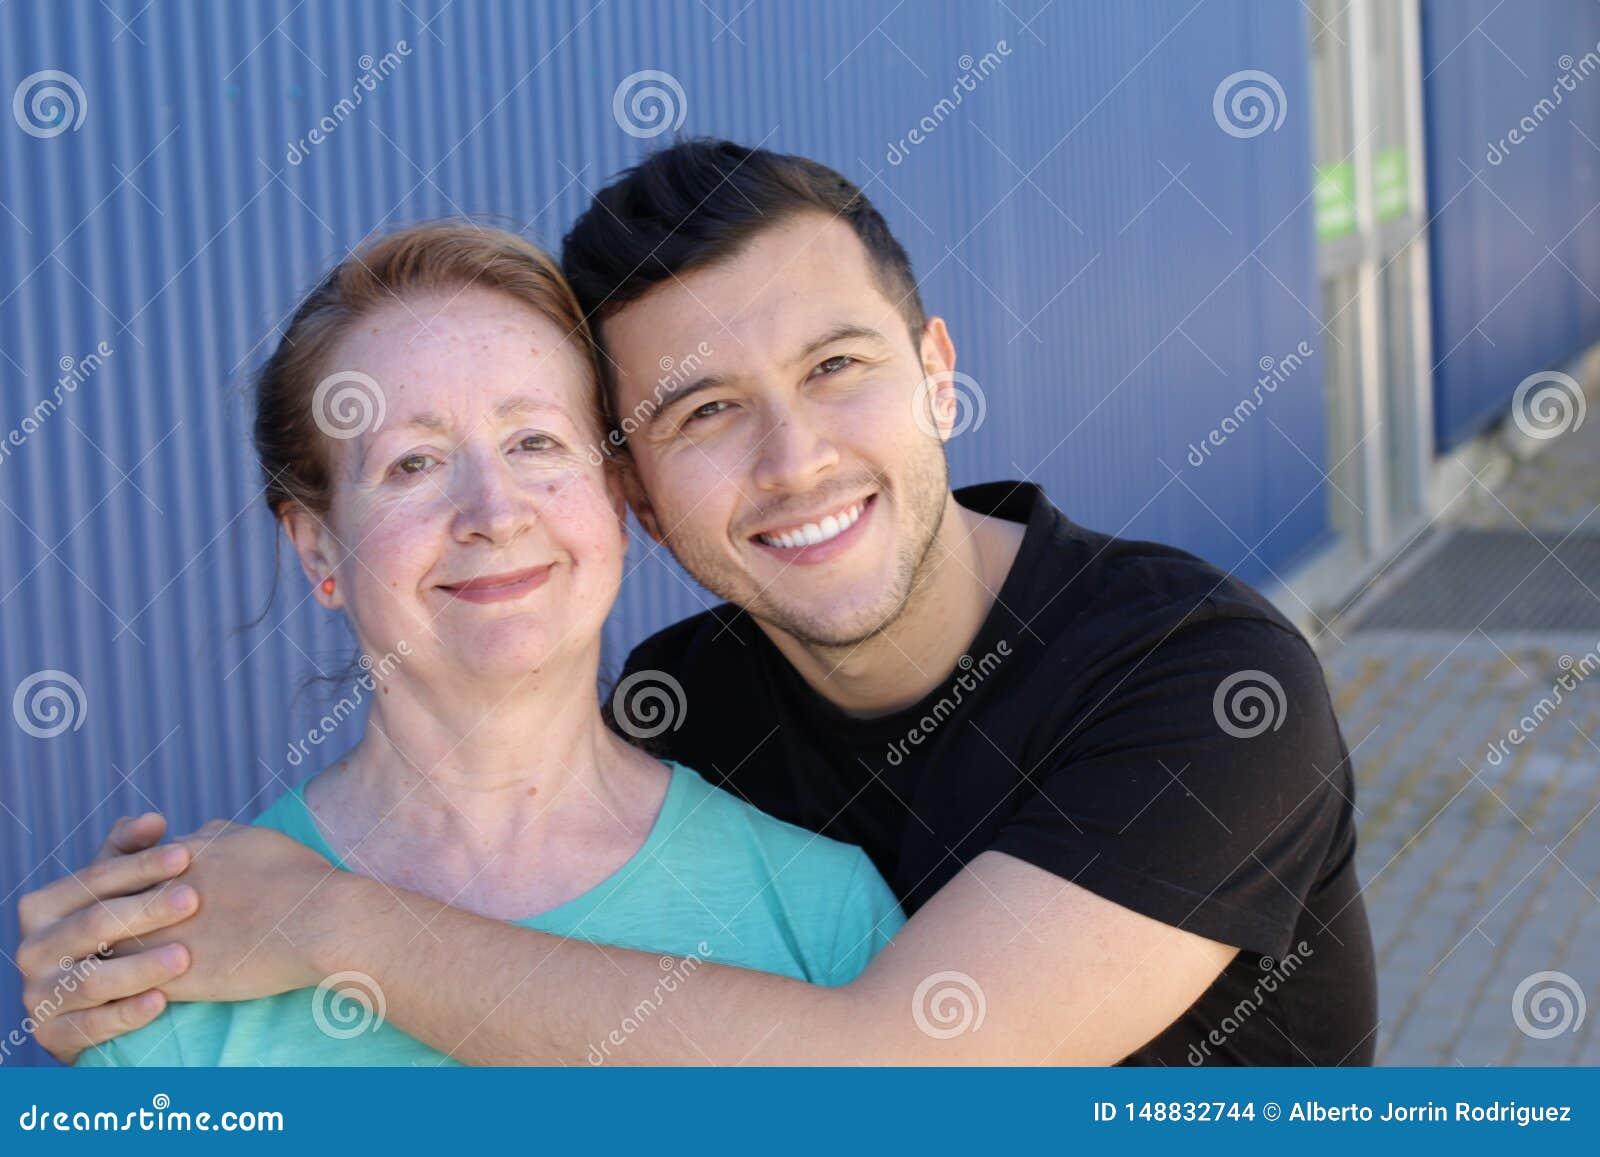 Mulher em seus anos sessenta com o homem em seus anos 20